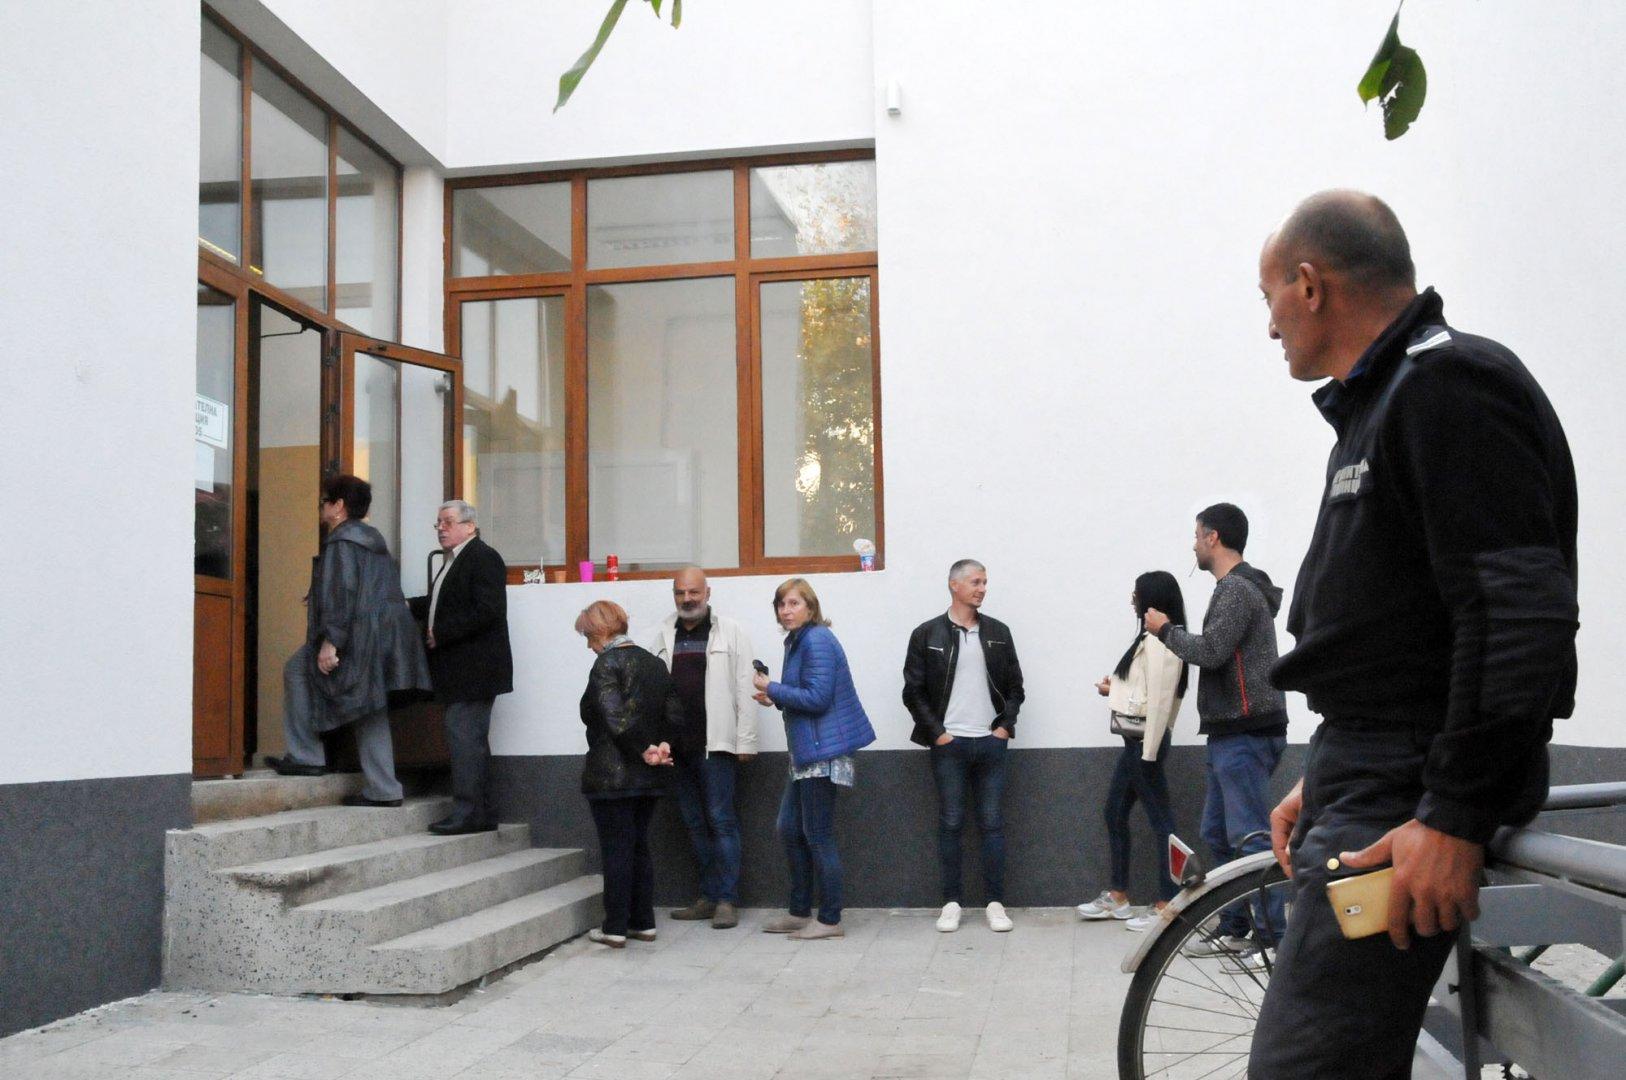 Опашка от желаещи за гласуват се изви пред СУ Любен Каравелов в Несебър. Снимки Лина Главинова